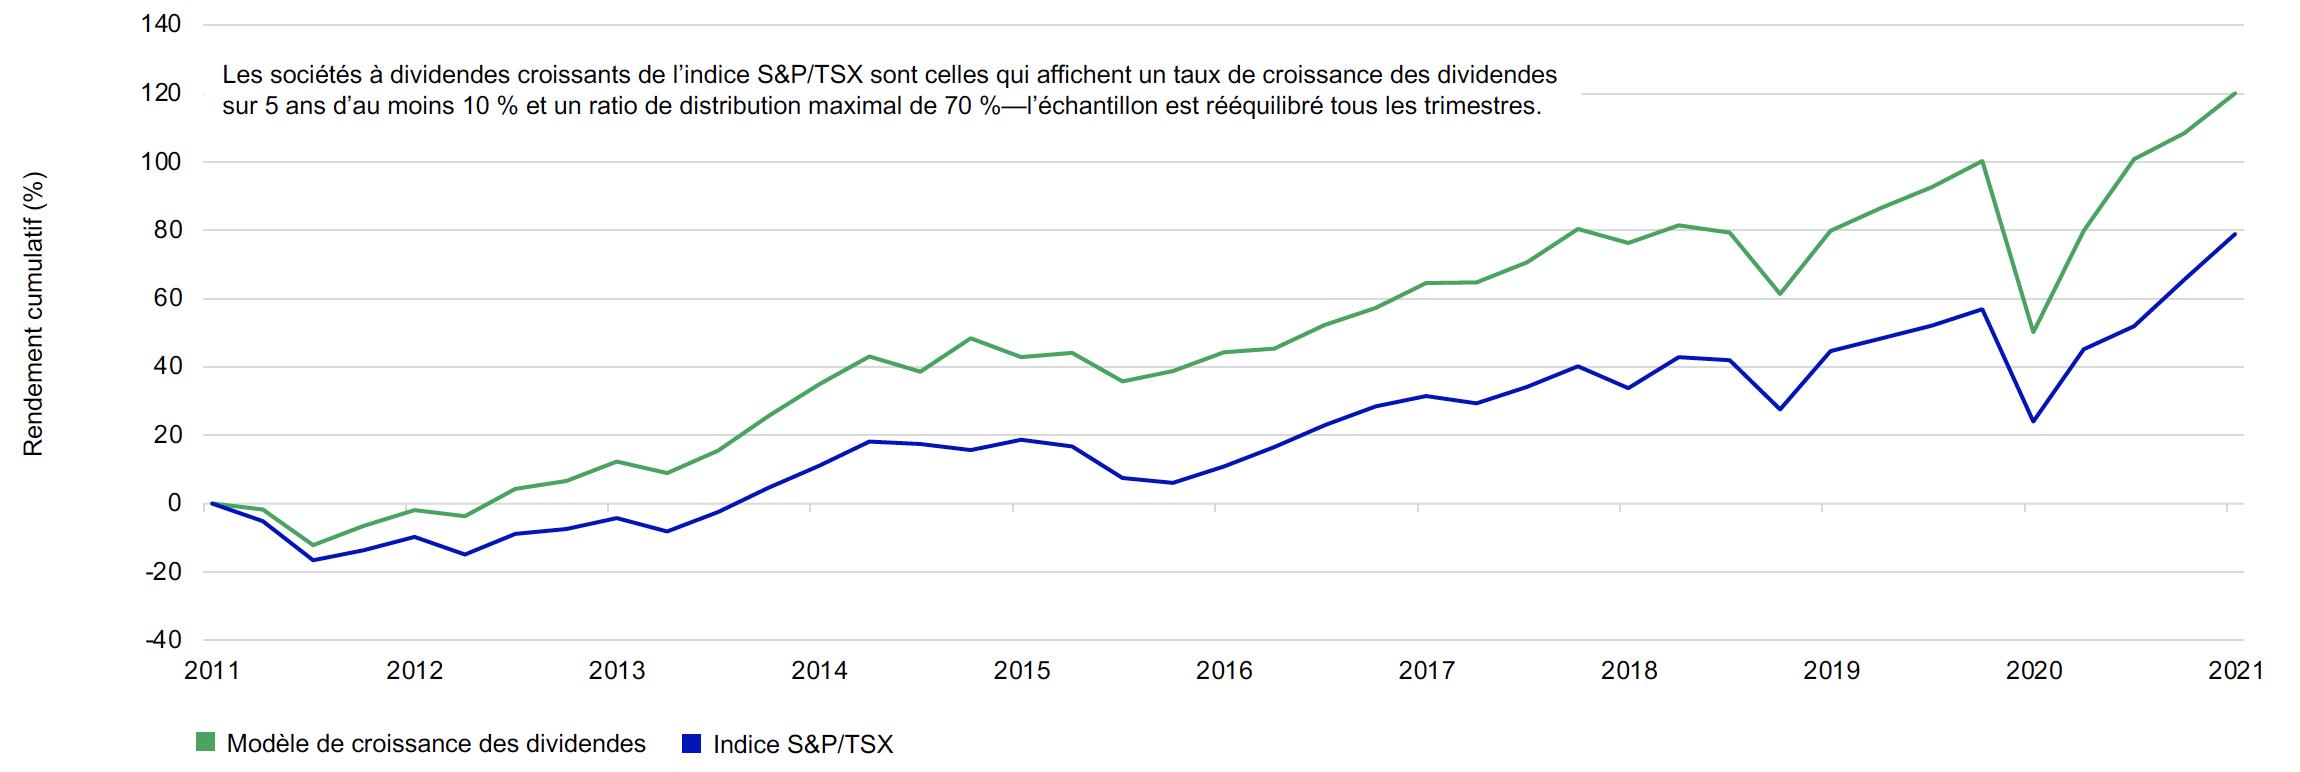 Ce graphique compare le rendement composé de l'indice S&P/TSX à un modèle de croissance des dividendes sur une base normalisée. Lorsqu'on calcule les deux rendements depuis 2010, le portefeuille de croissance des dividendes affiche un rendement supérieur à celui de l'indice S&P/TSX au 31 mars 2021.